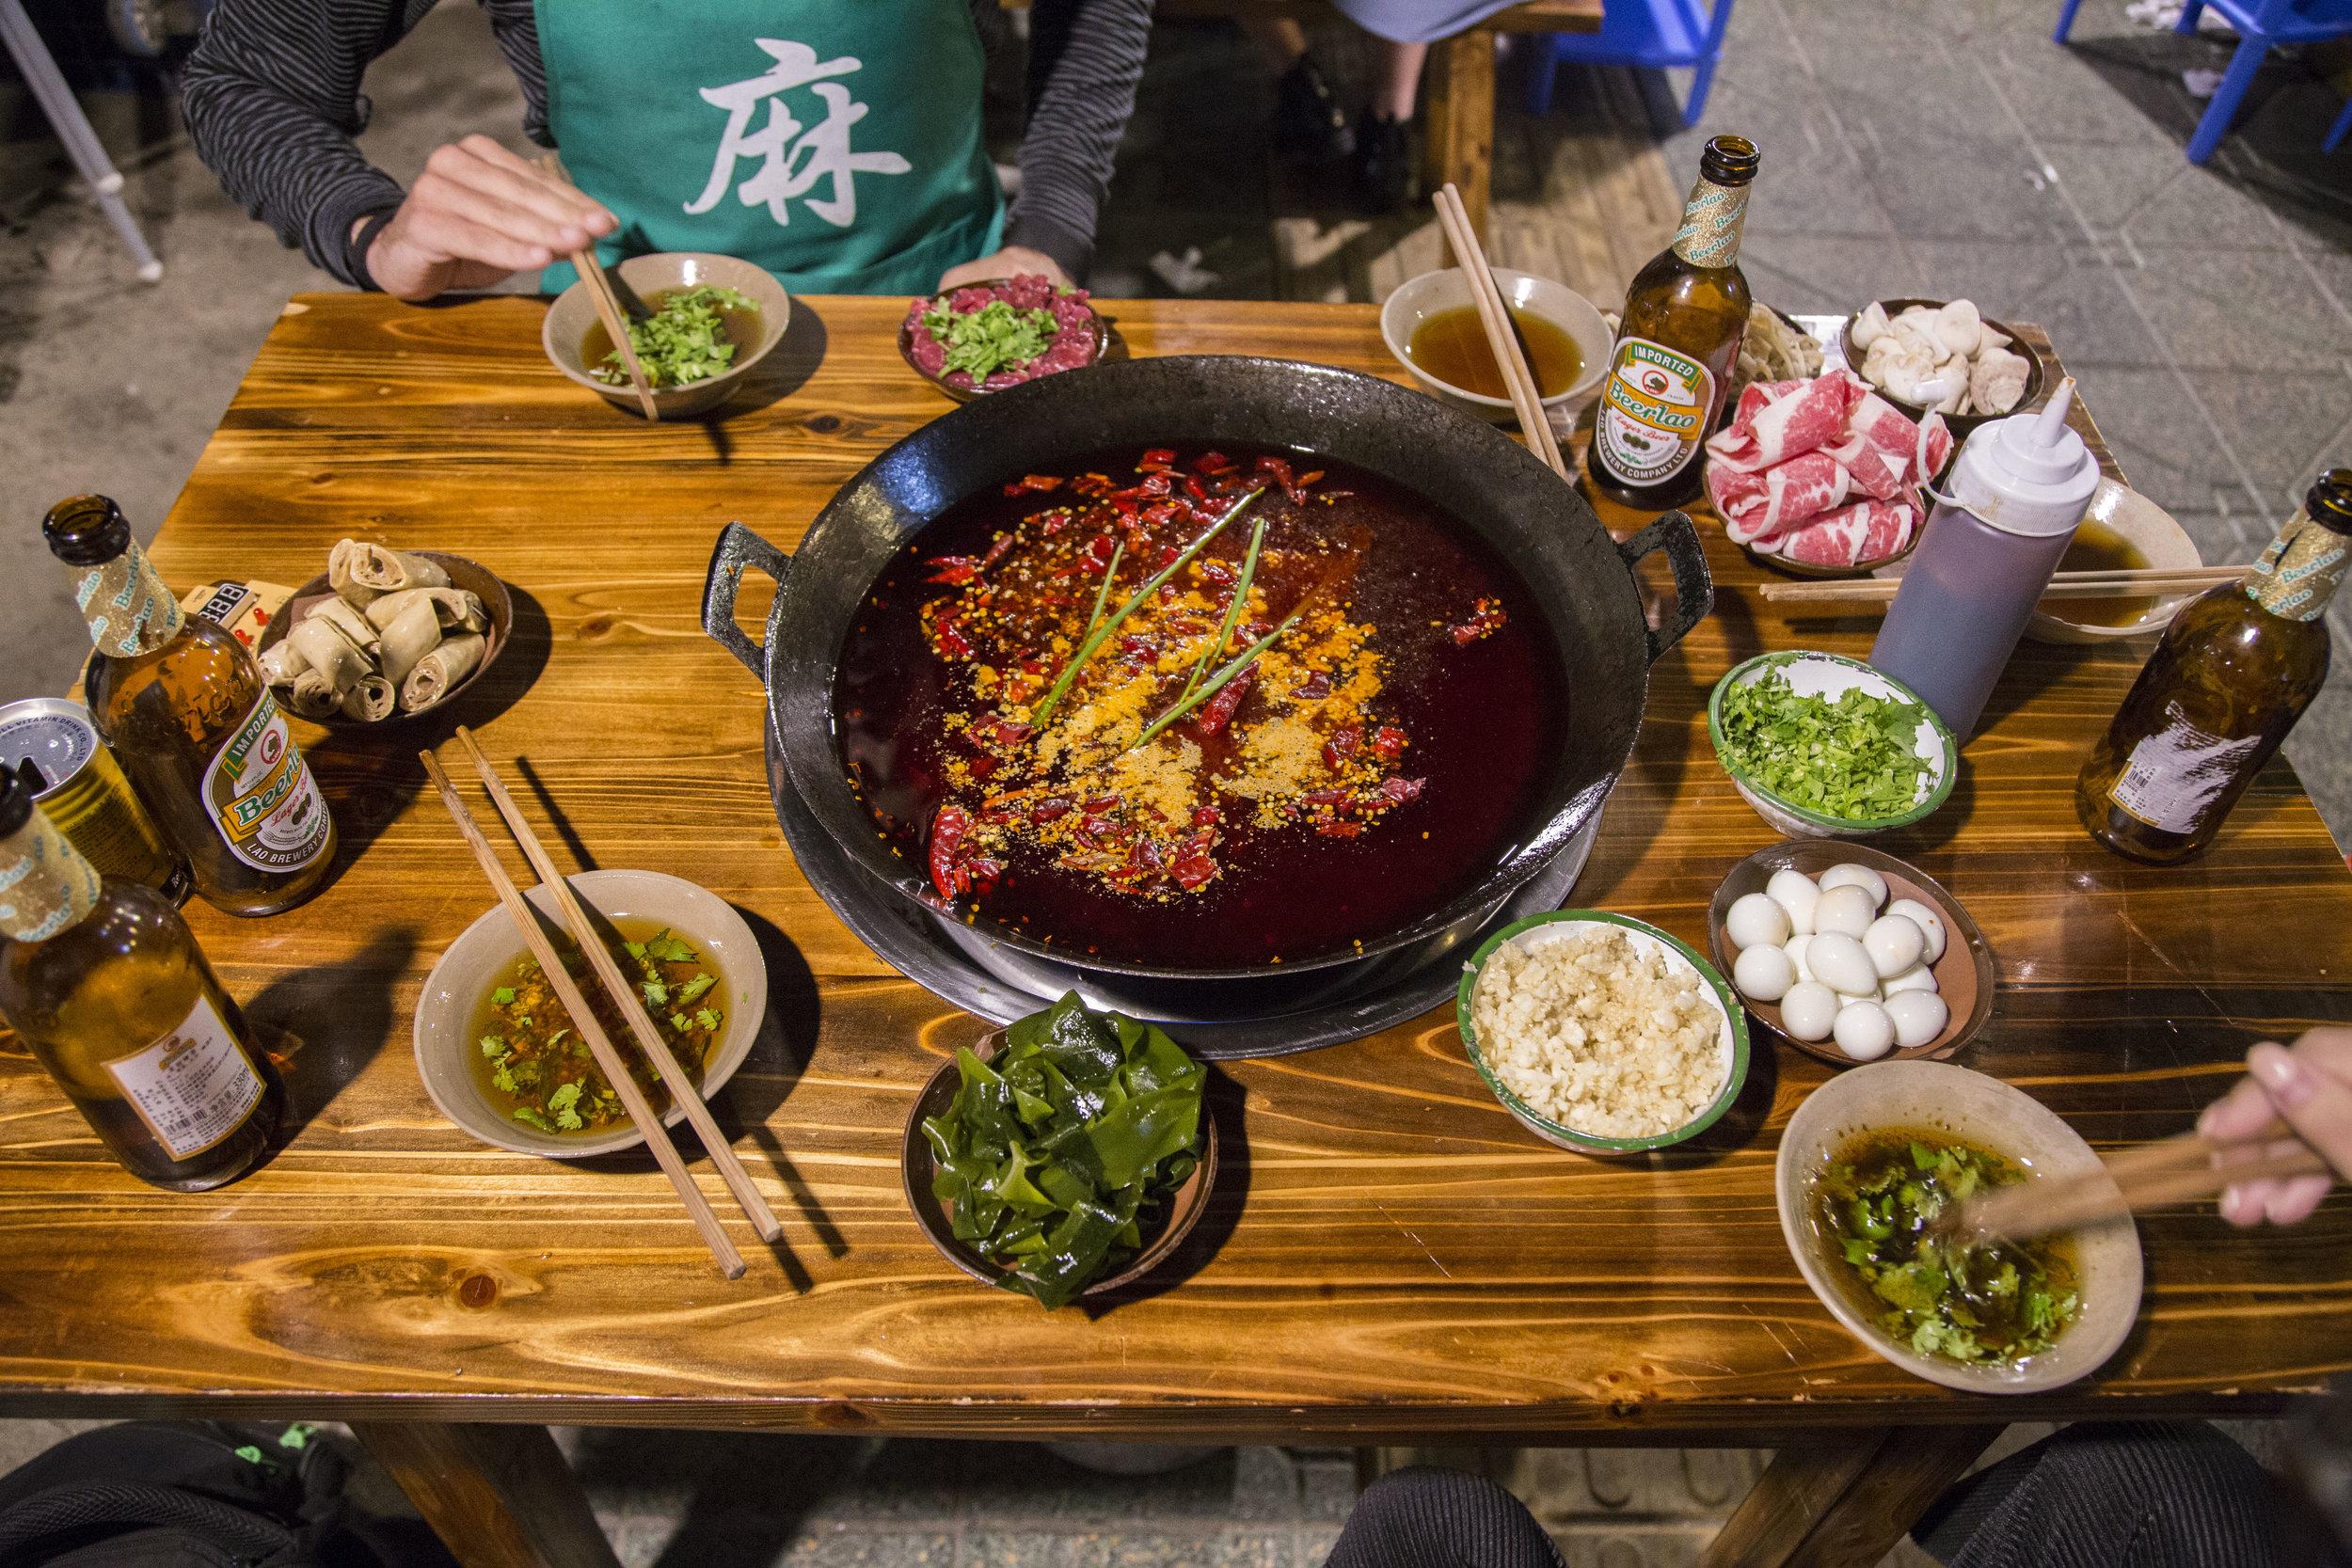 Hot Pot (火鍋) - Spectacular